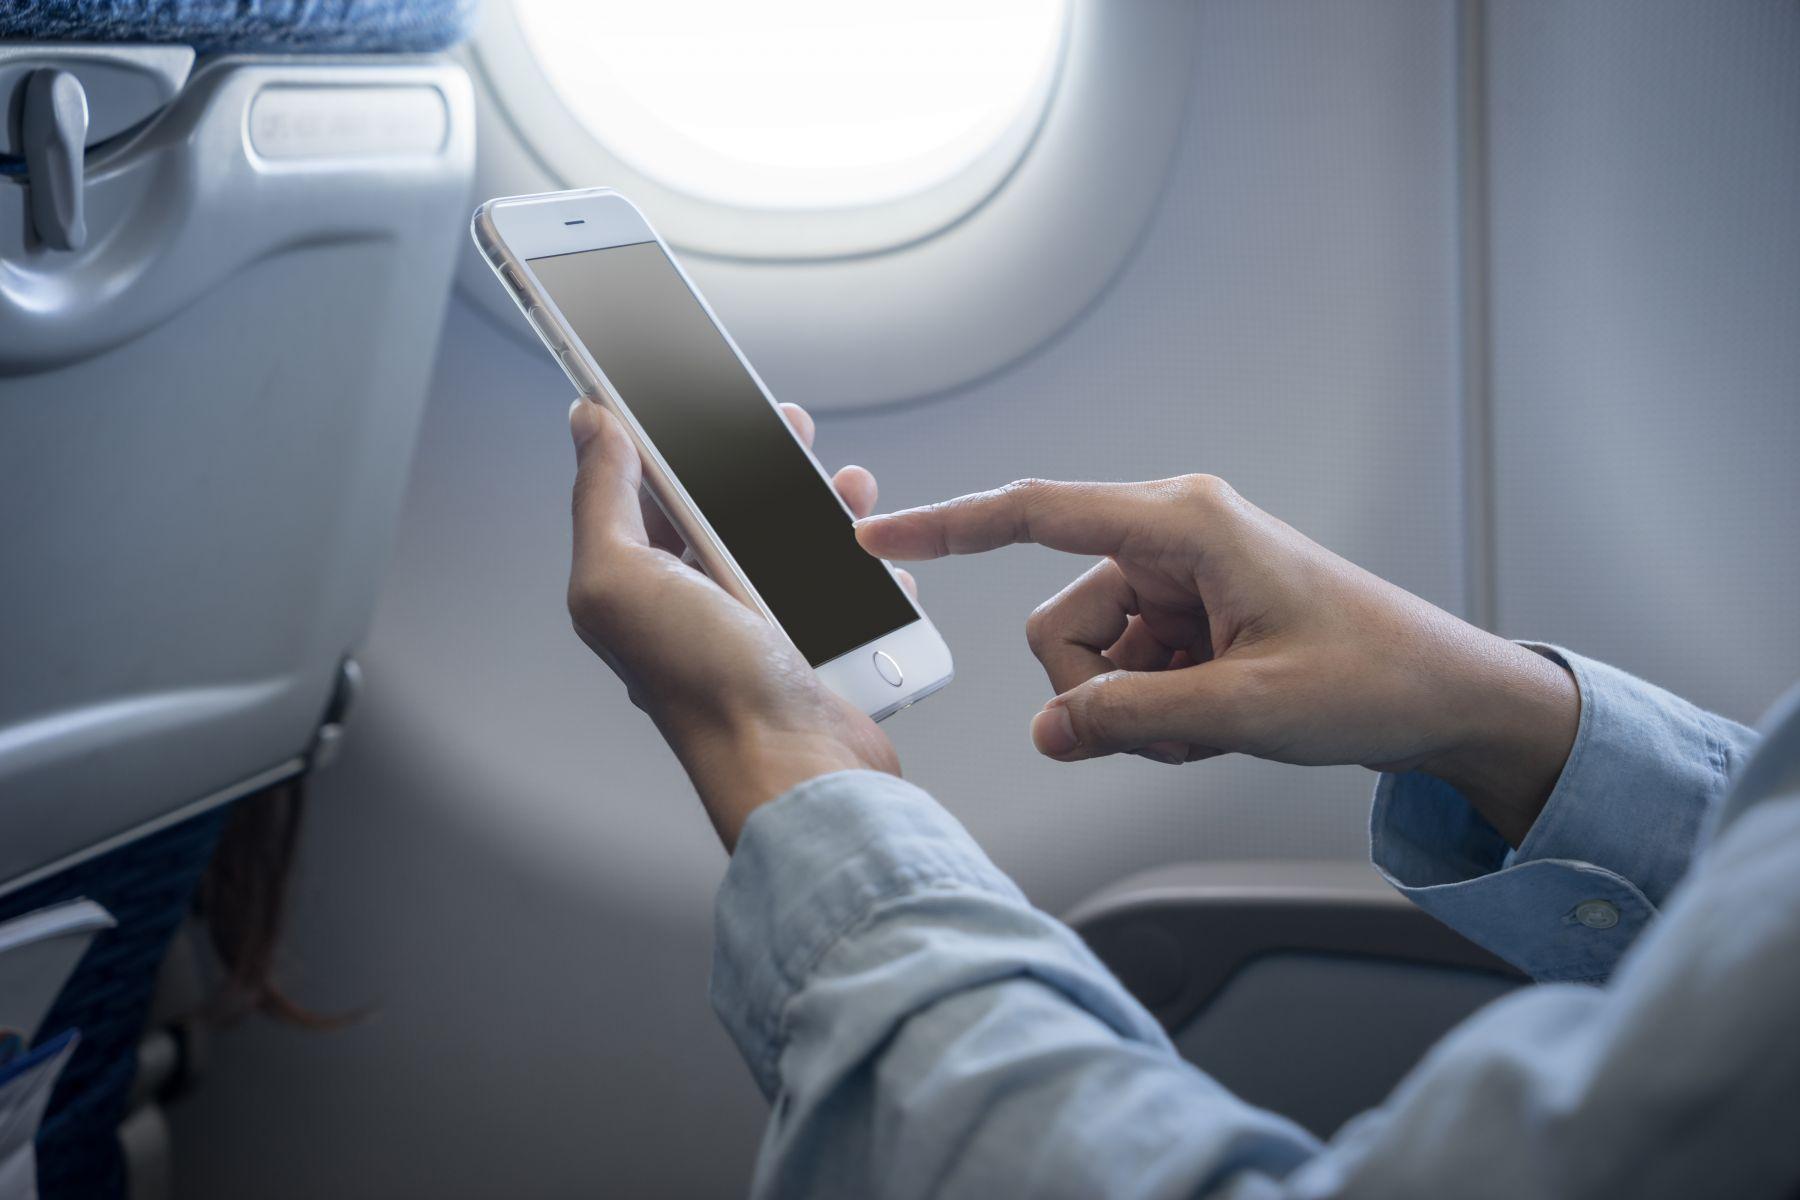 搭機禁用手機 機師揭密:和飛航安全無關